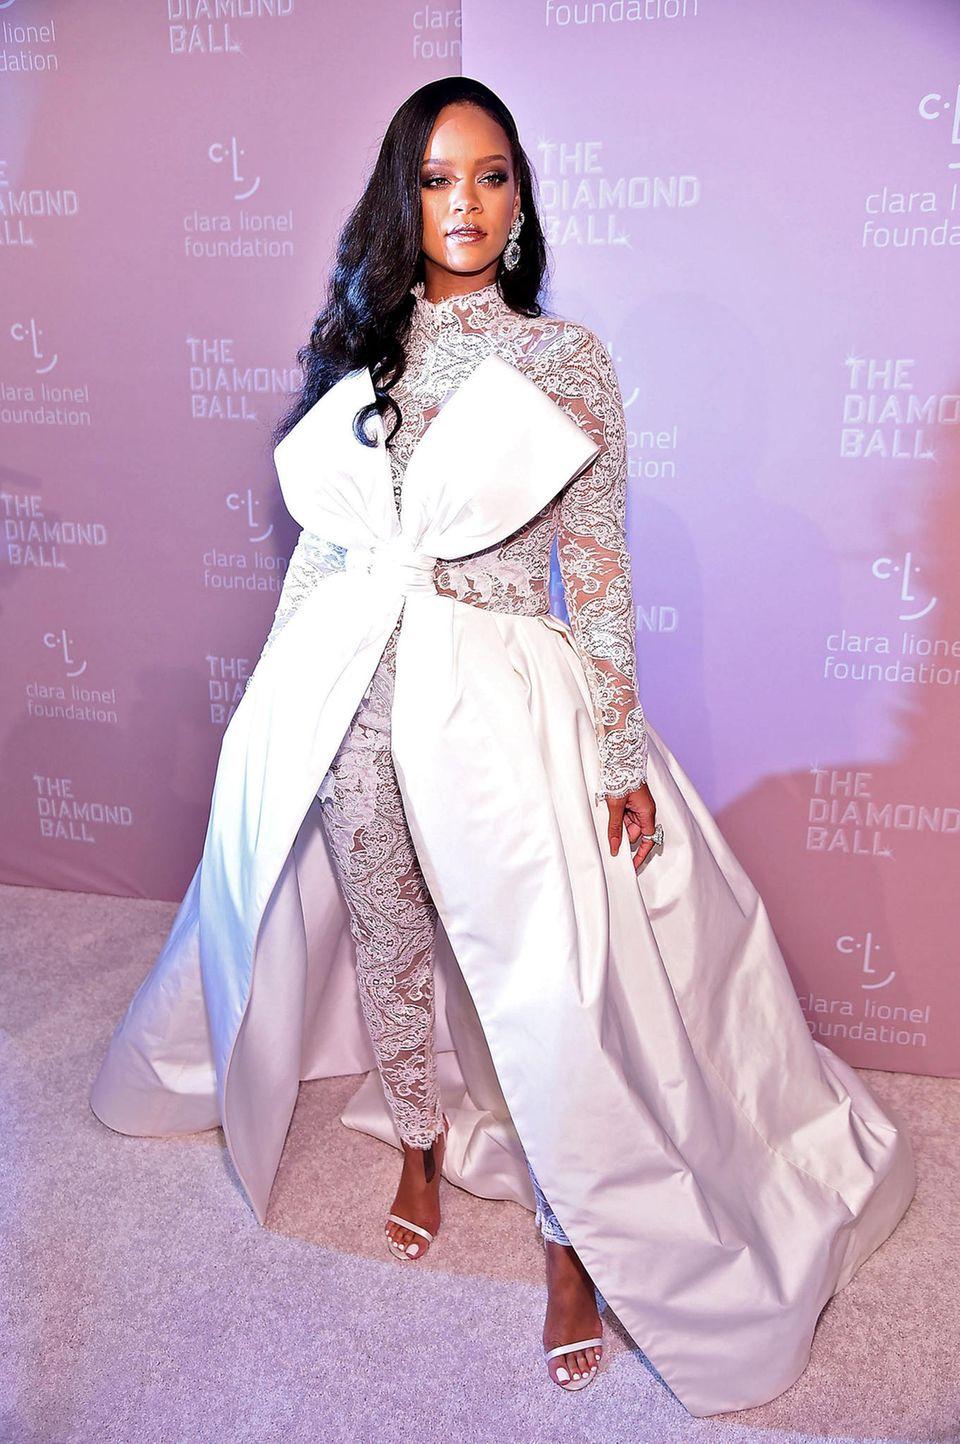 Für die Gäste ihres 4. Diamond Balls hat sich Rihanna mit weißem Spitzen-Jumpsuit und überdimensionaler Schleife von Alexis Mabille Couture ganz besonders eindrucksvoll verpackt. Da gehen die funkelnden Diamant-Ohrringe von Chopard fast schon unter.